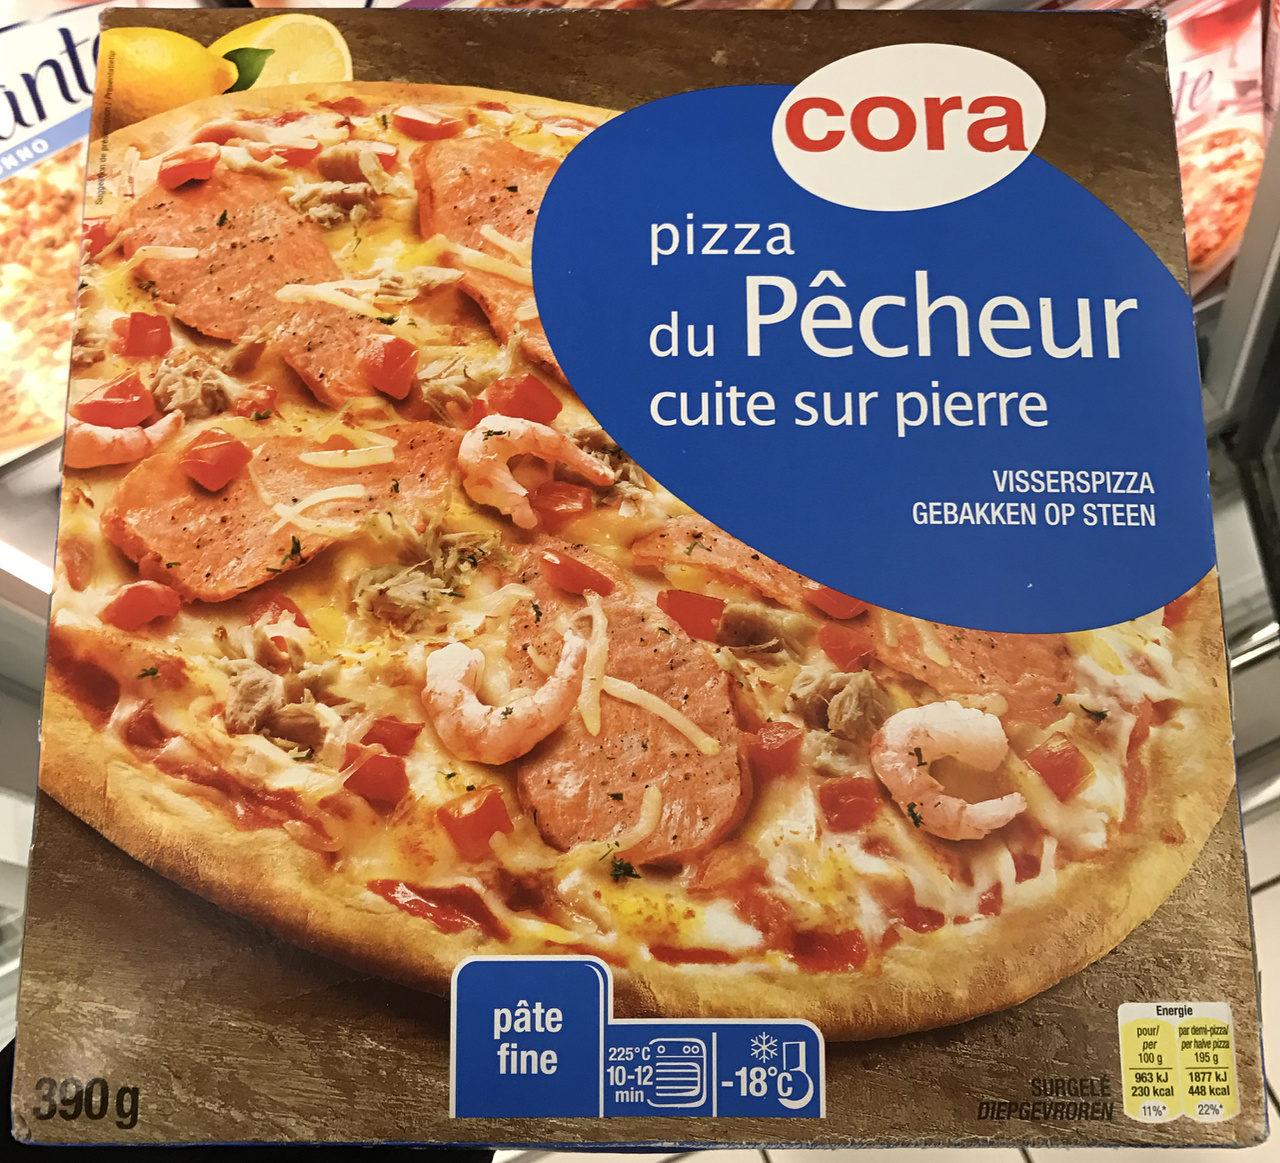 Pizza du pêcheur( saumon, thon, crevettes) cuite sur pierre - Produit - fr